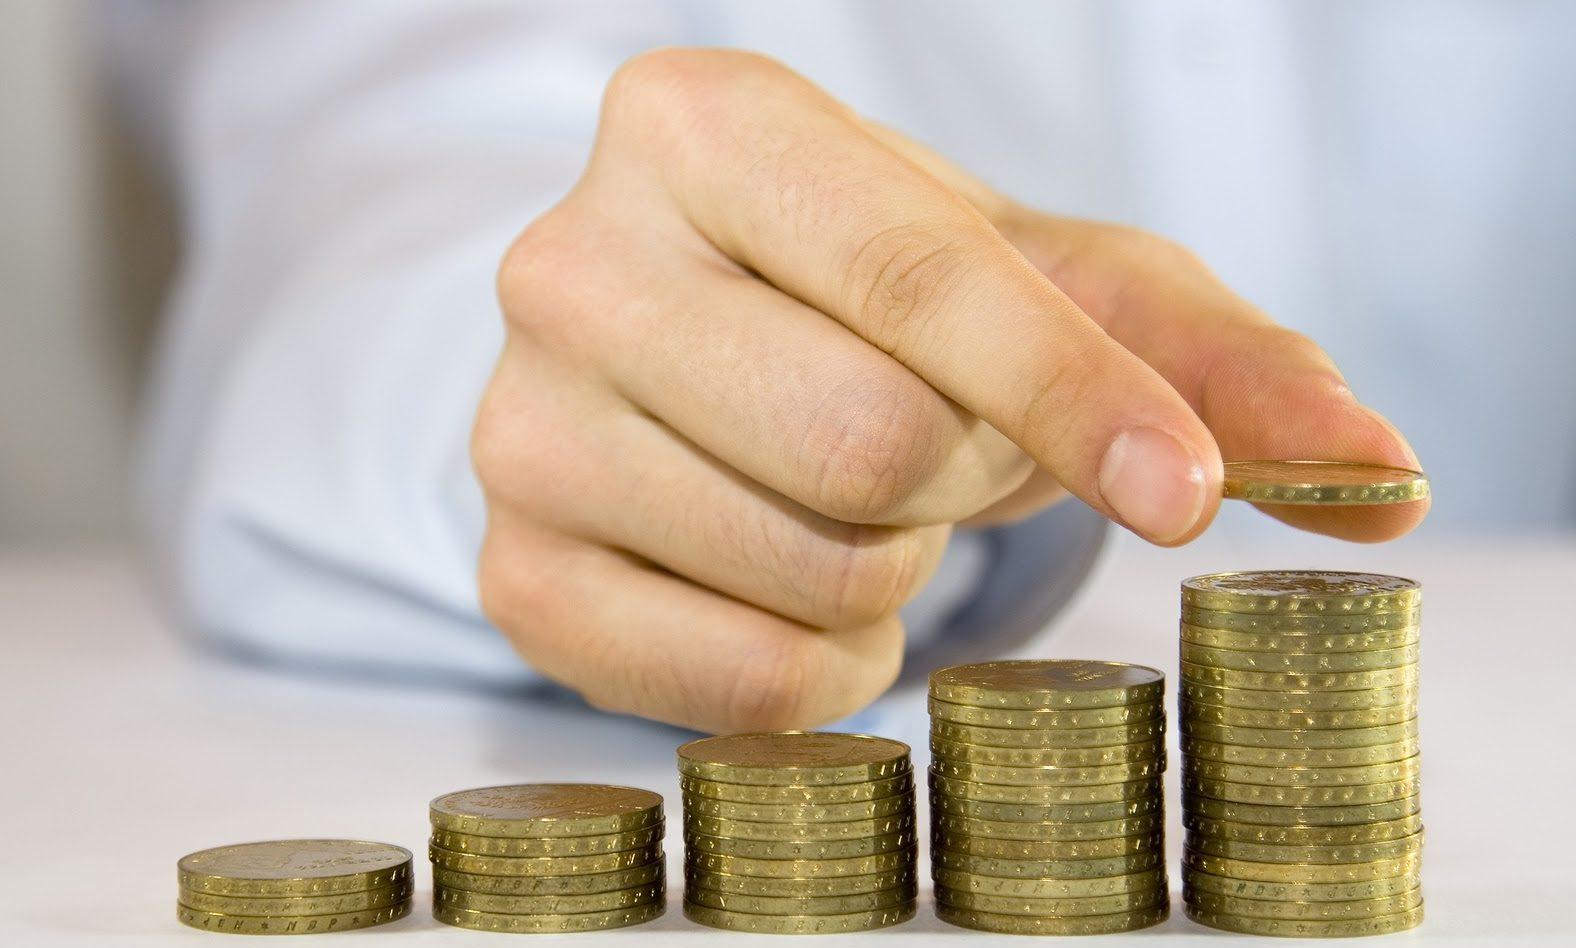 hol lehet még pénzt keresni a főmunkán kívül)